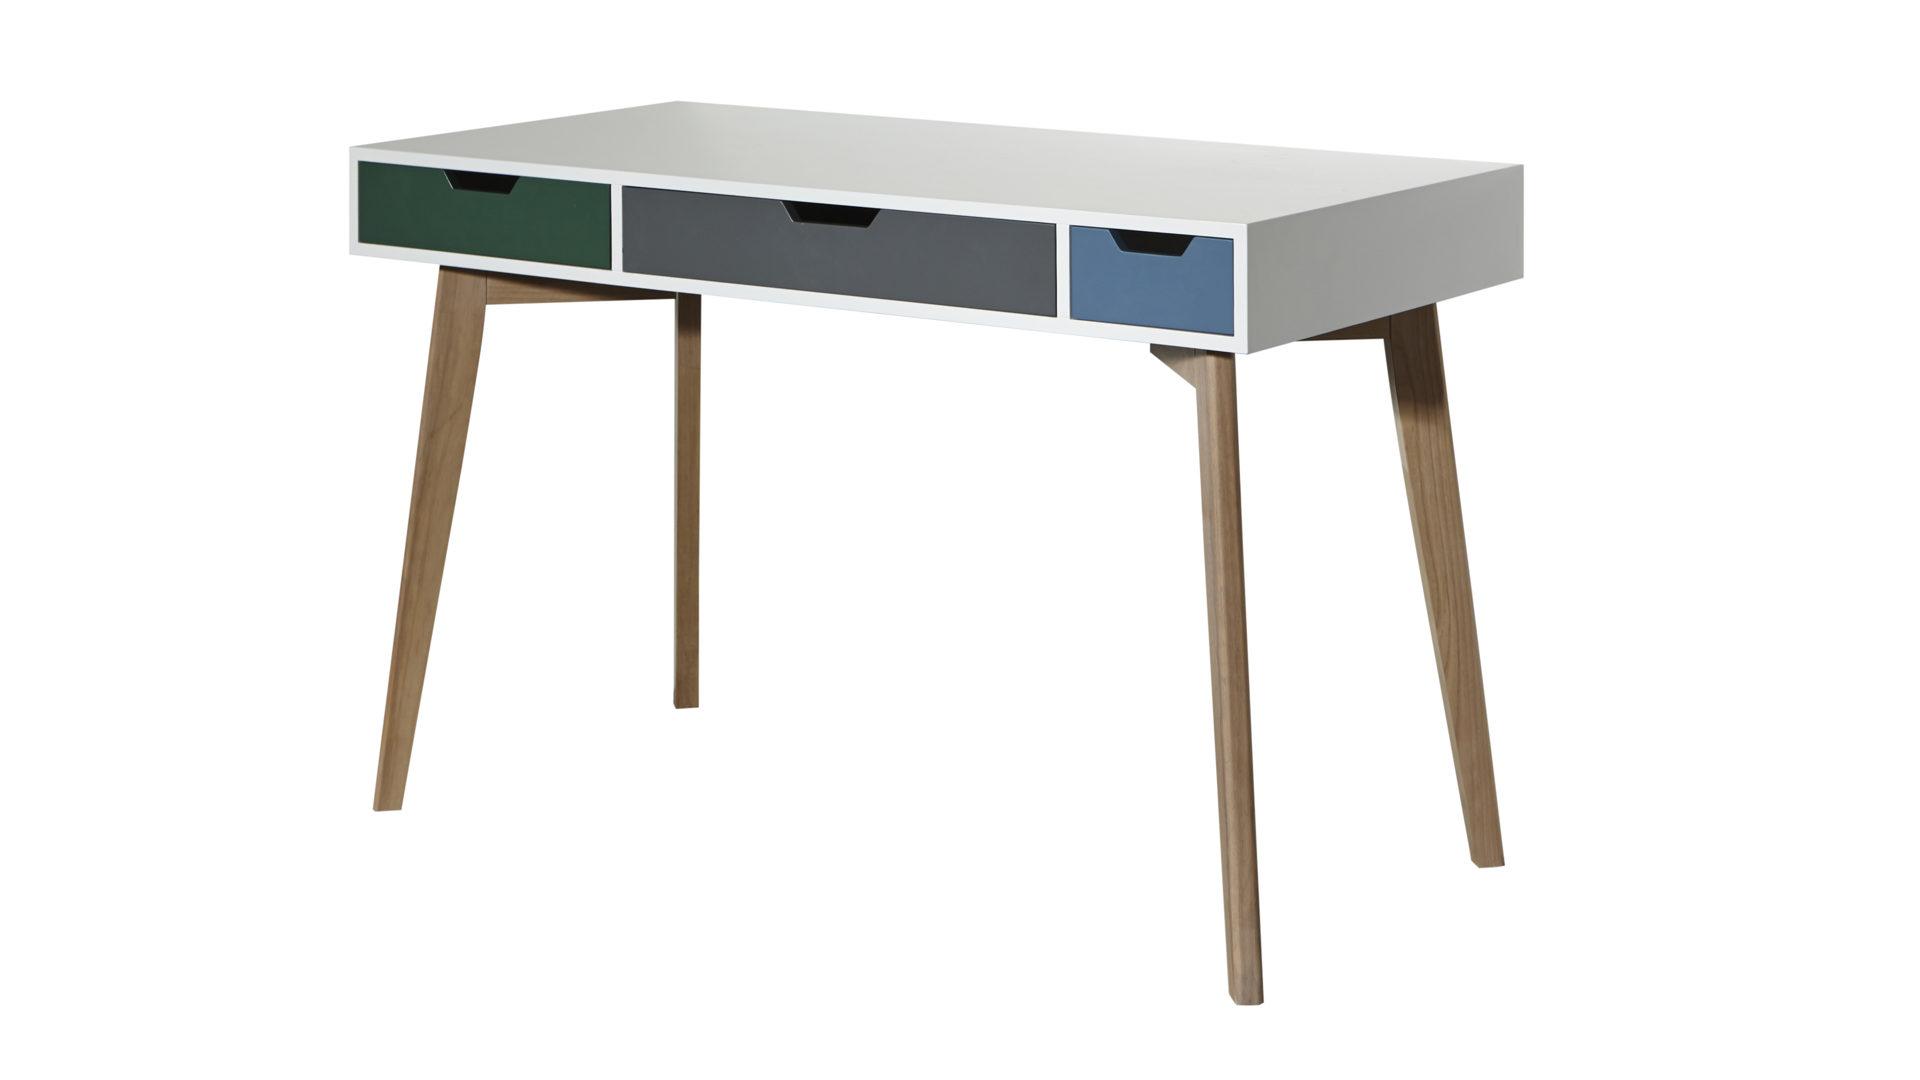 Schreibtisch holz weiß  Hertel Möbel Gesees | Räume | Arbeitszimmer | Schreibtische ...